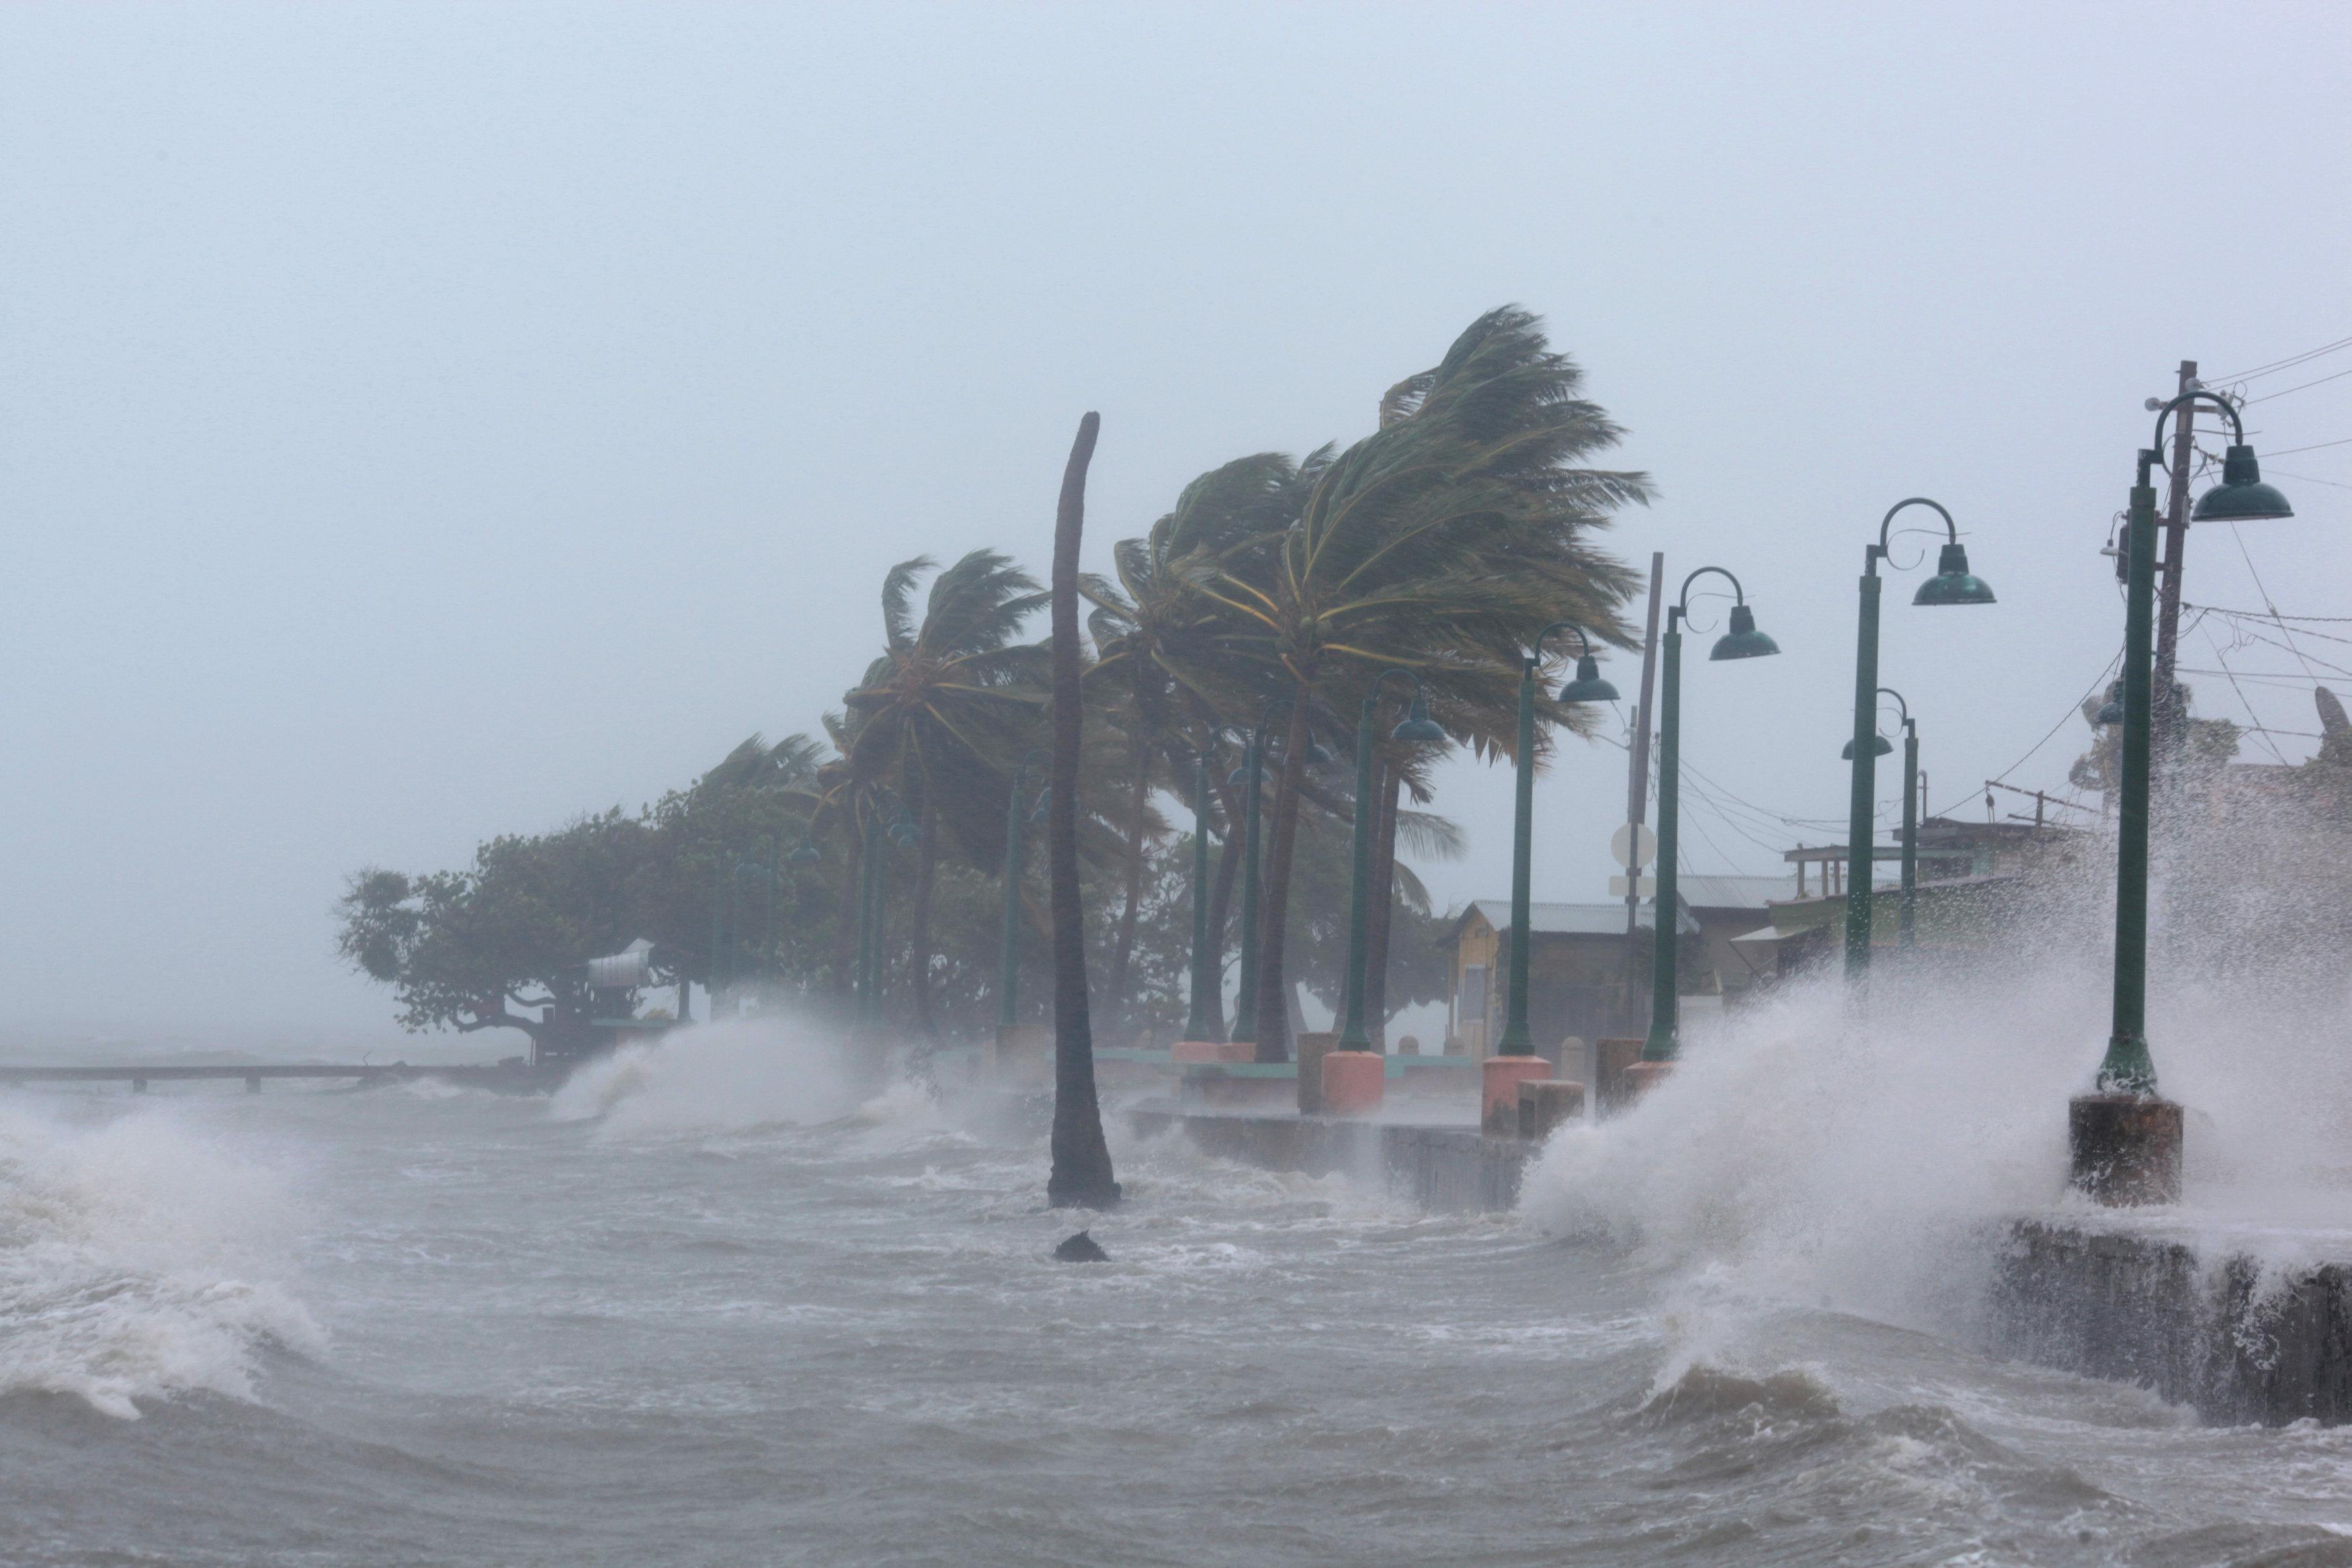 Furacão Irma deixa rastro de destruição na Flórida - Foto: Reprodução/InternetFuracão Irma deixa rastro de destruição na Flórida - Foto: Reprodução/Internet